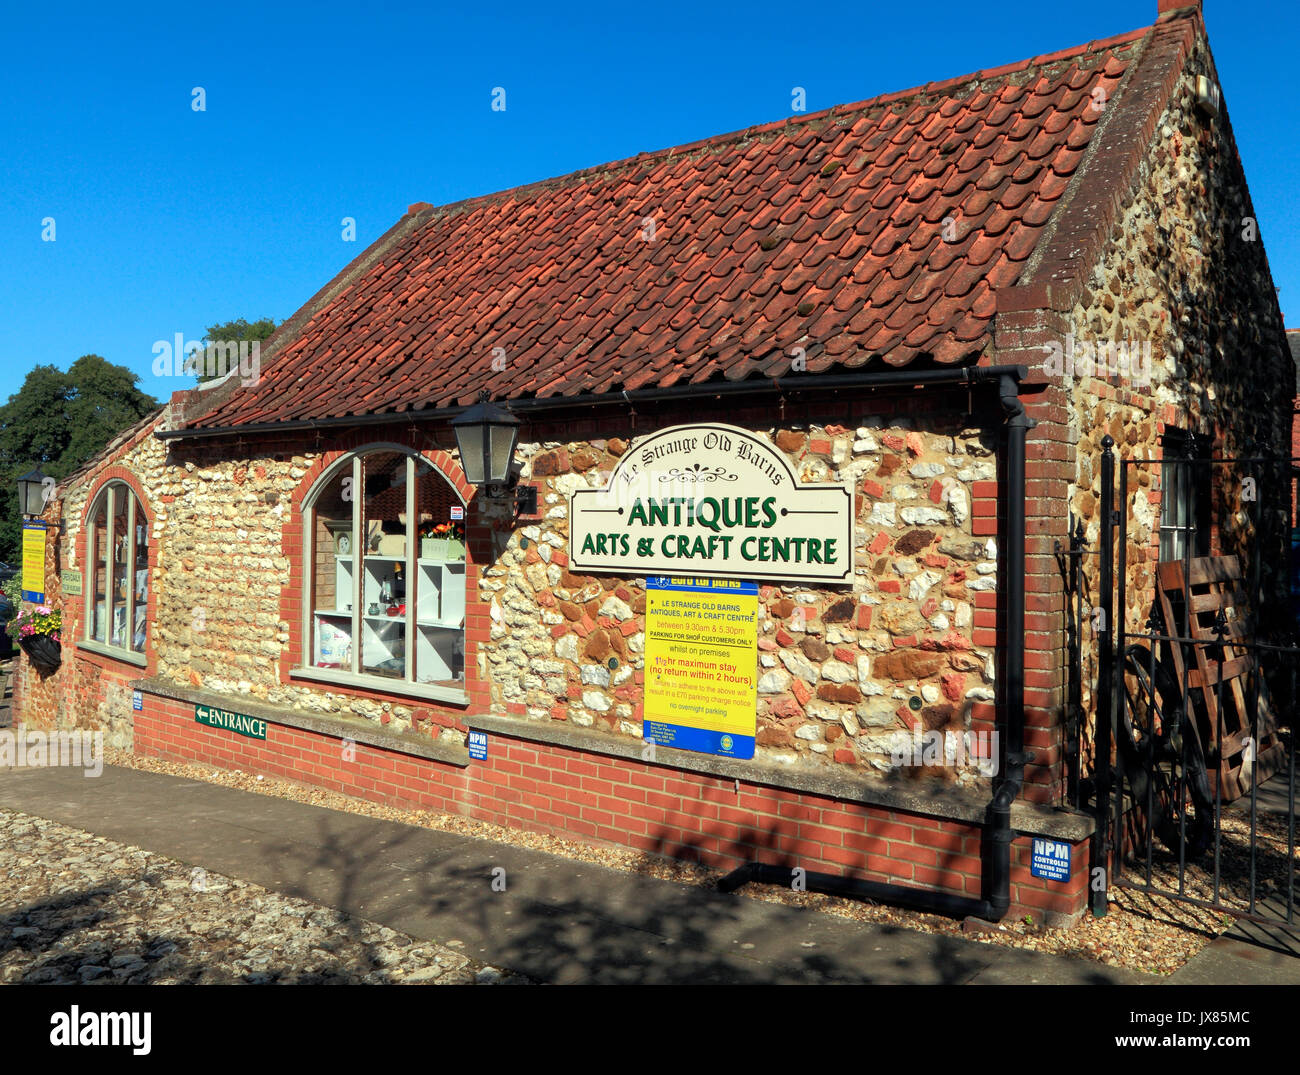 Le Strange Old Barns, Antiques, Arts & Crafts Centre,  shop, shopping, Old Hunstanton, Norfolk, England, UK - Stock Image